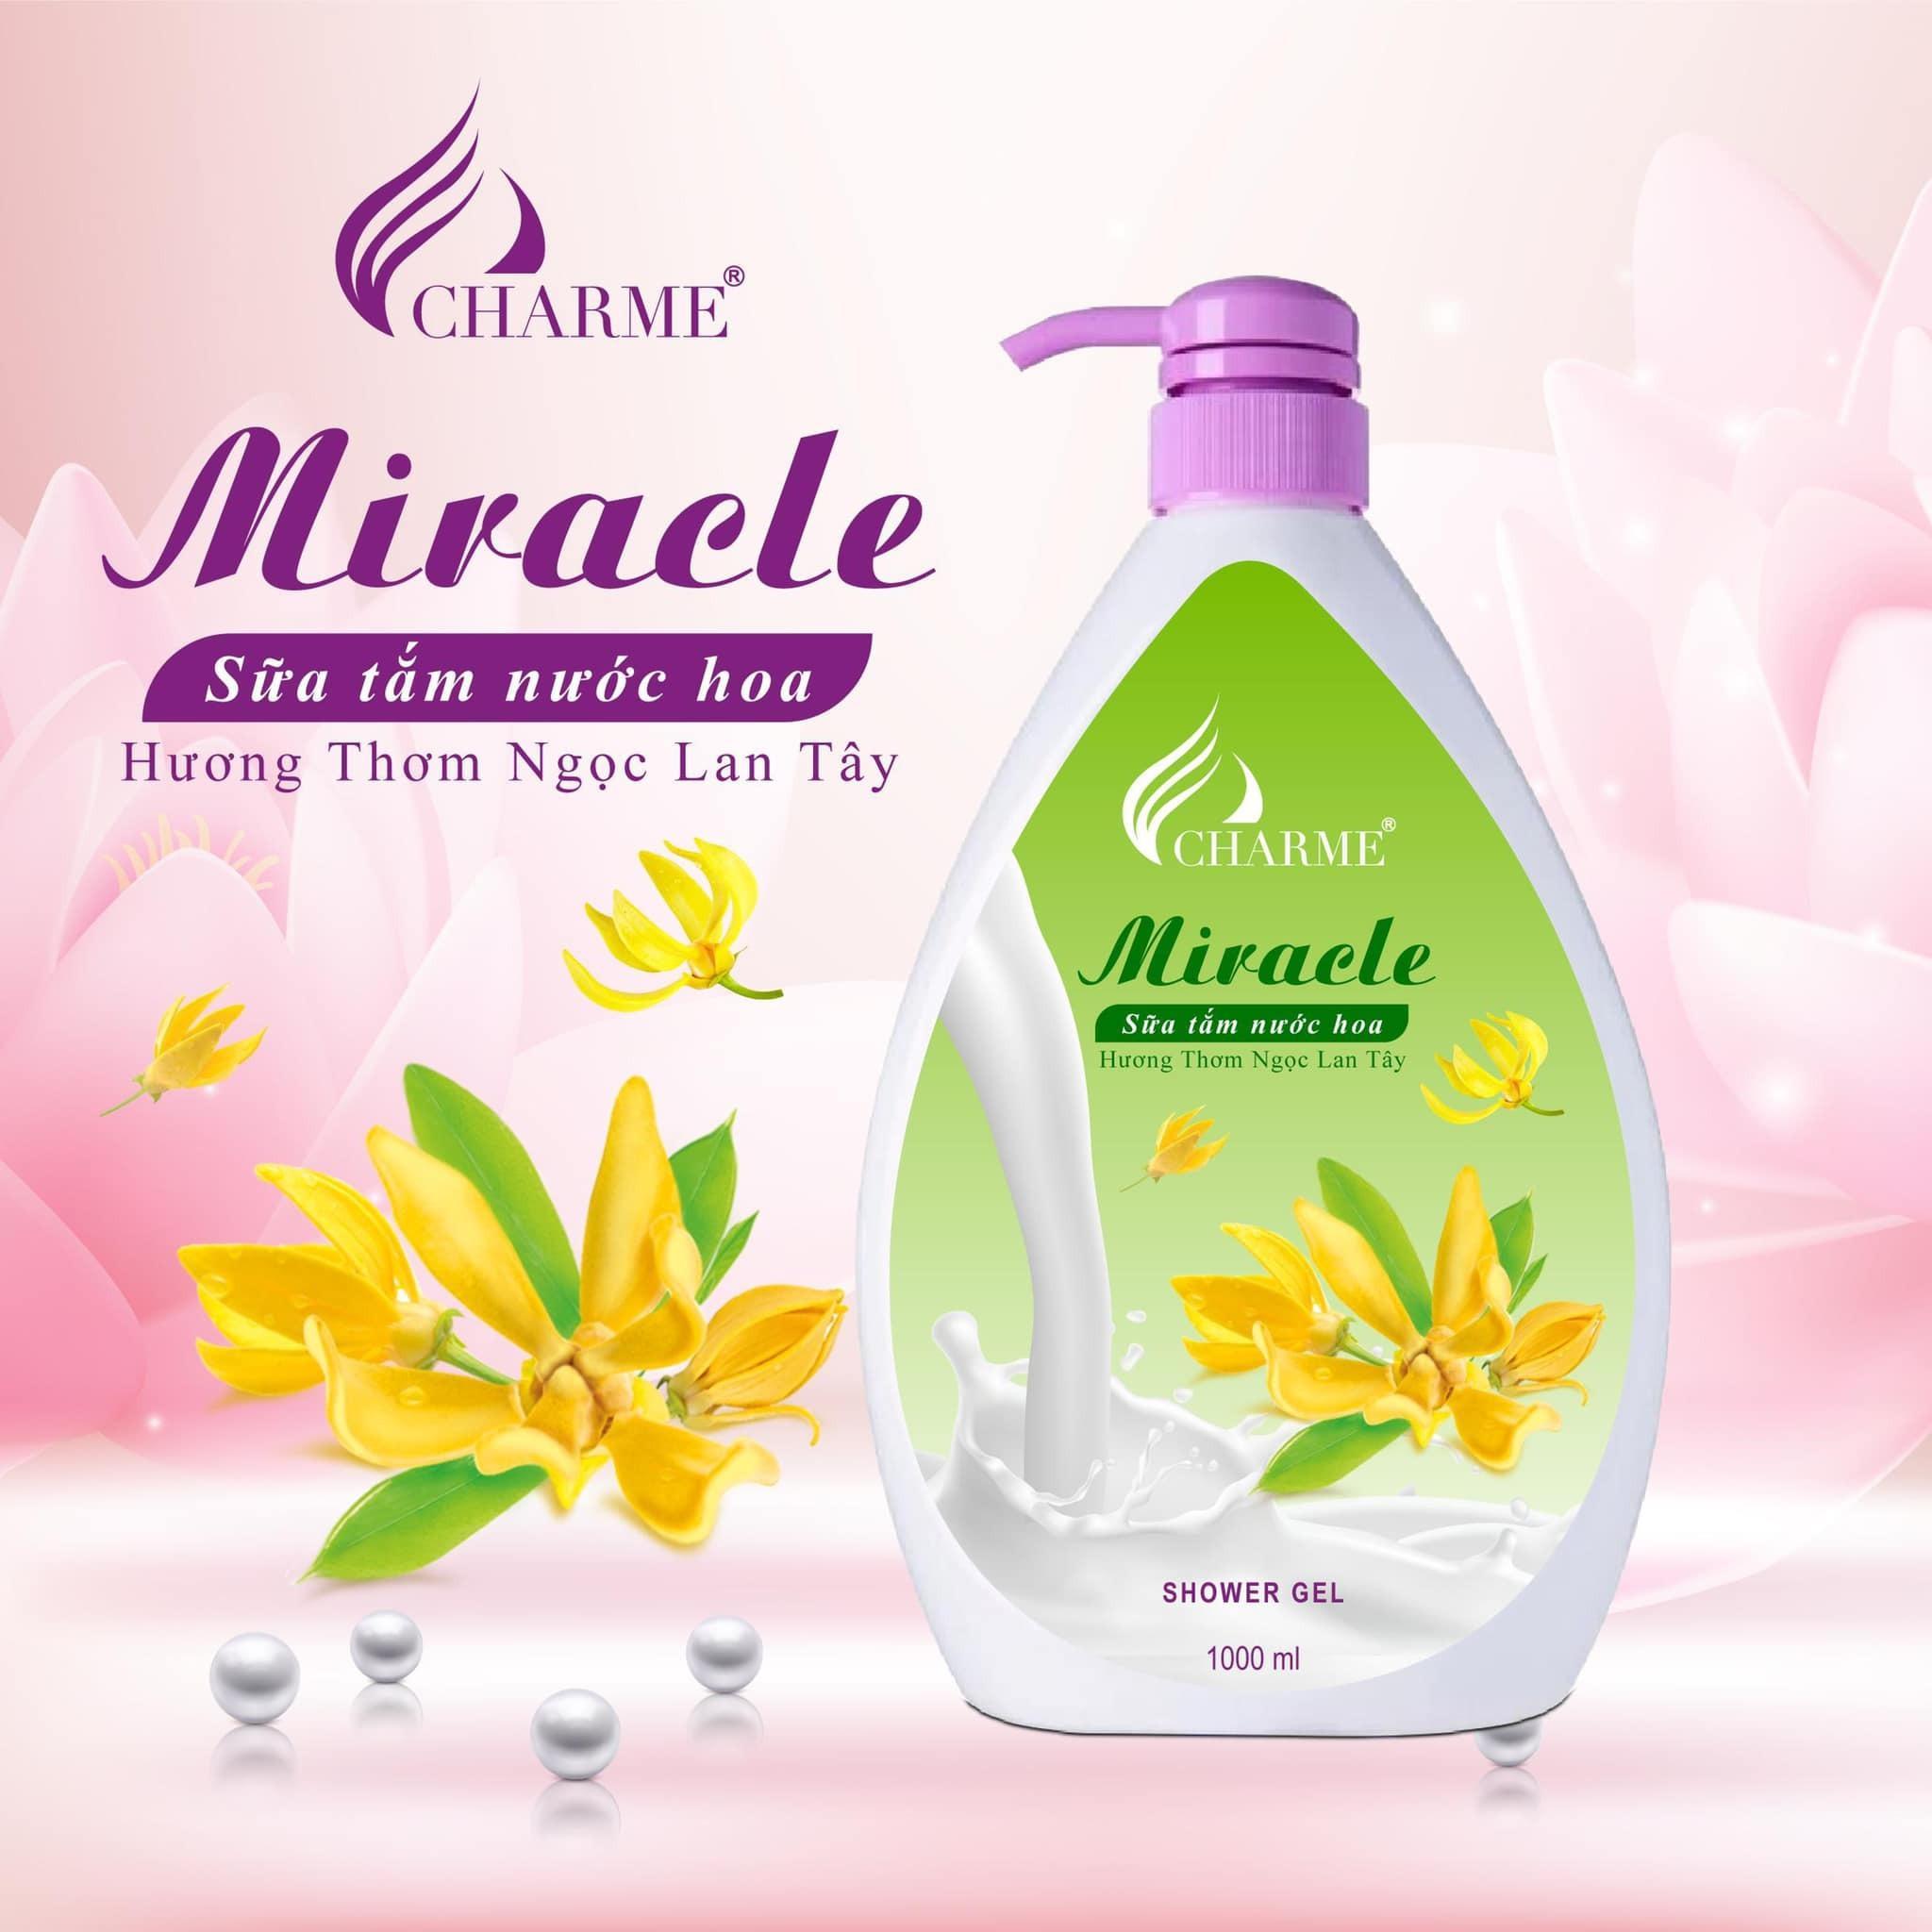 Sữa Tắm Nước Hoa Charme Miracle 1000ml Cho Nữ Hương Ngọc Lan Tây